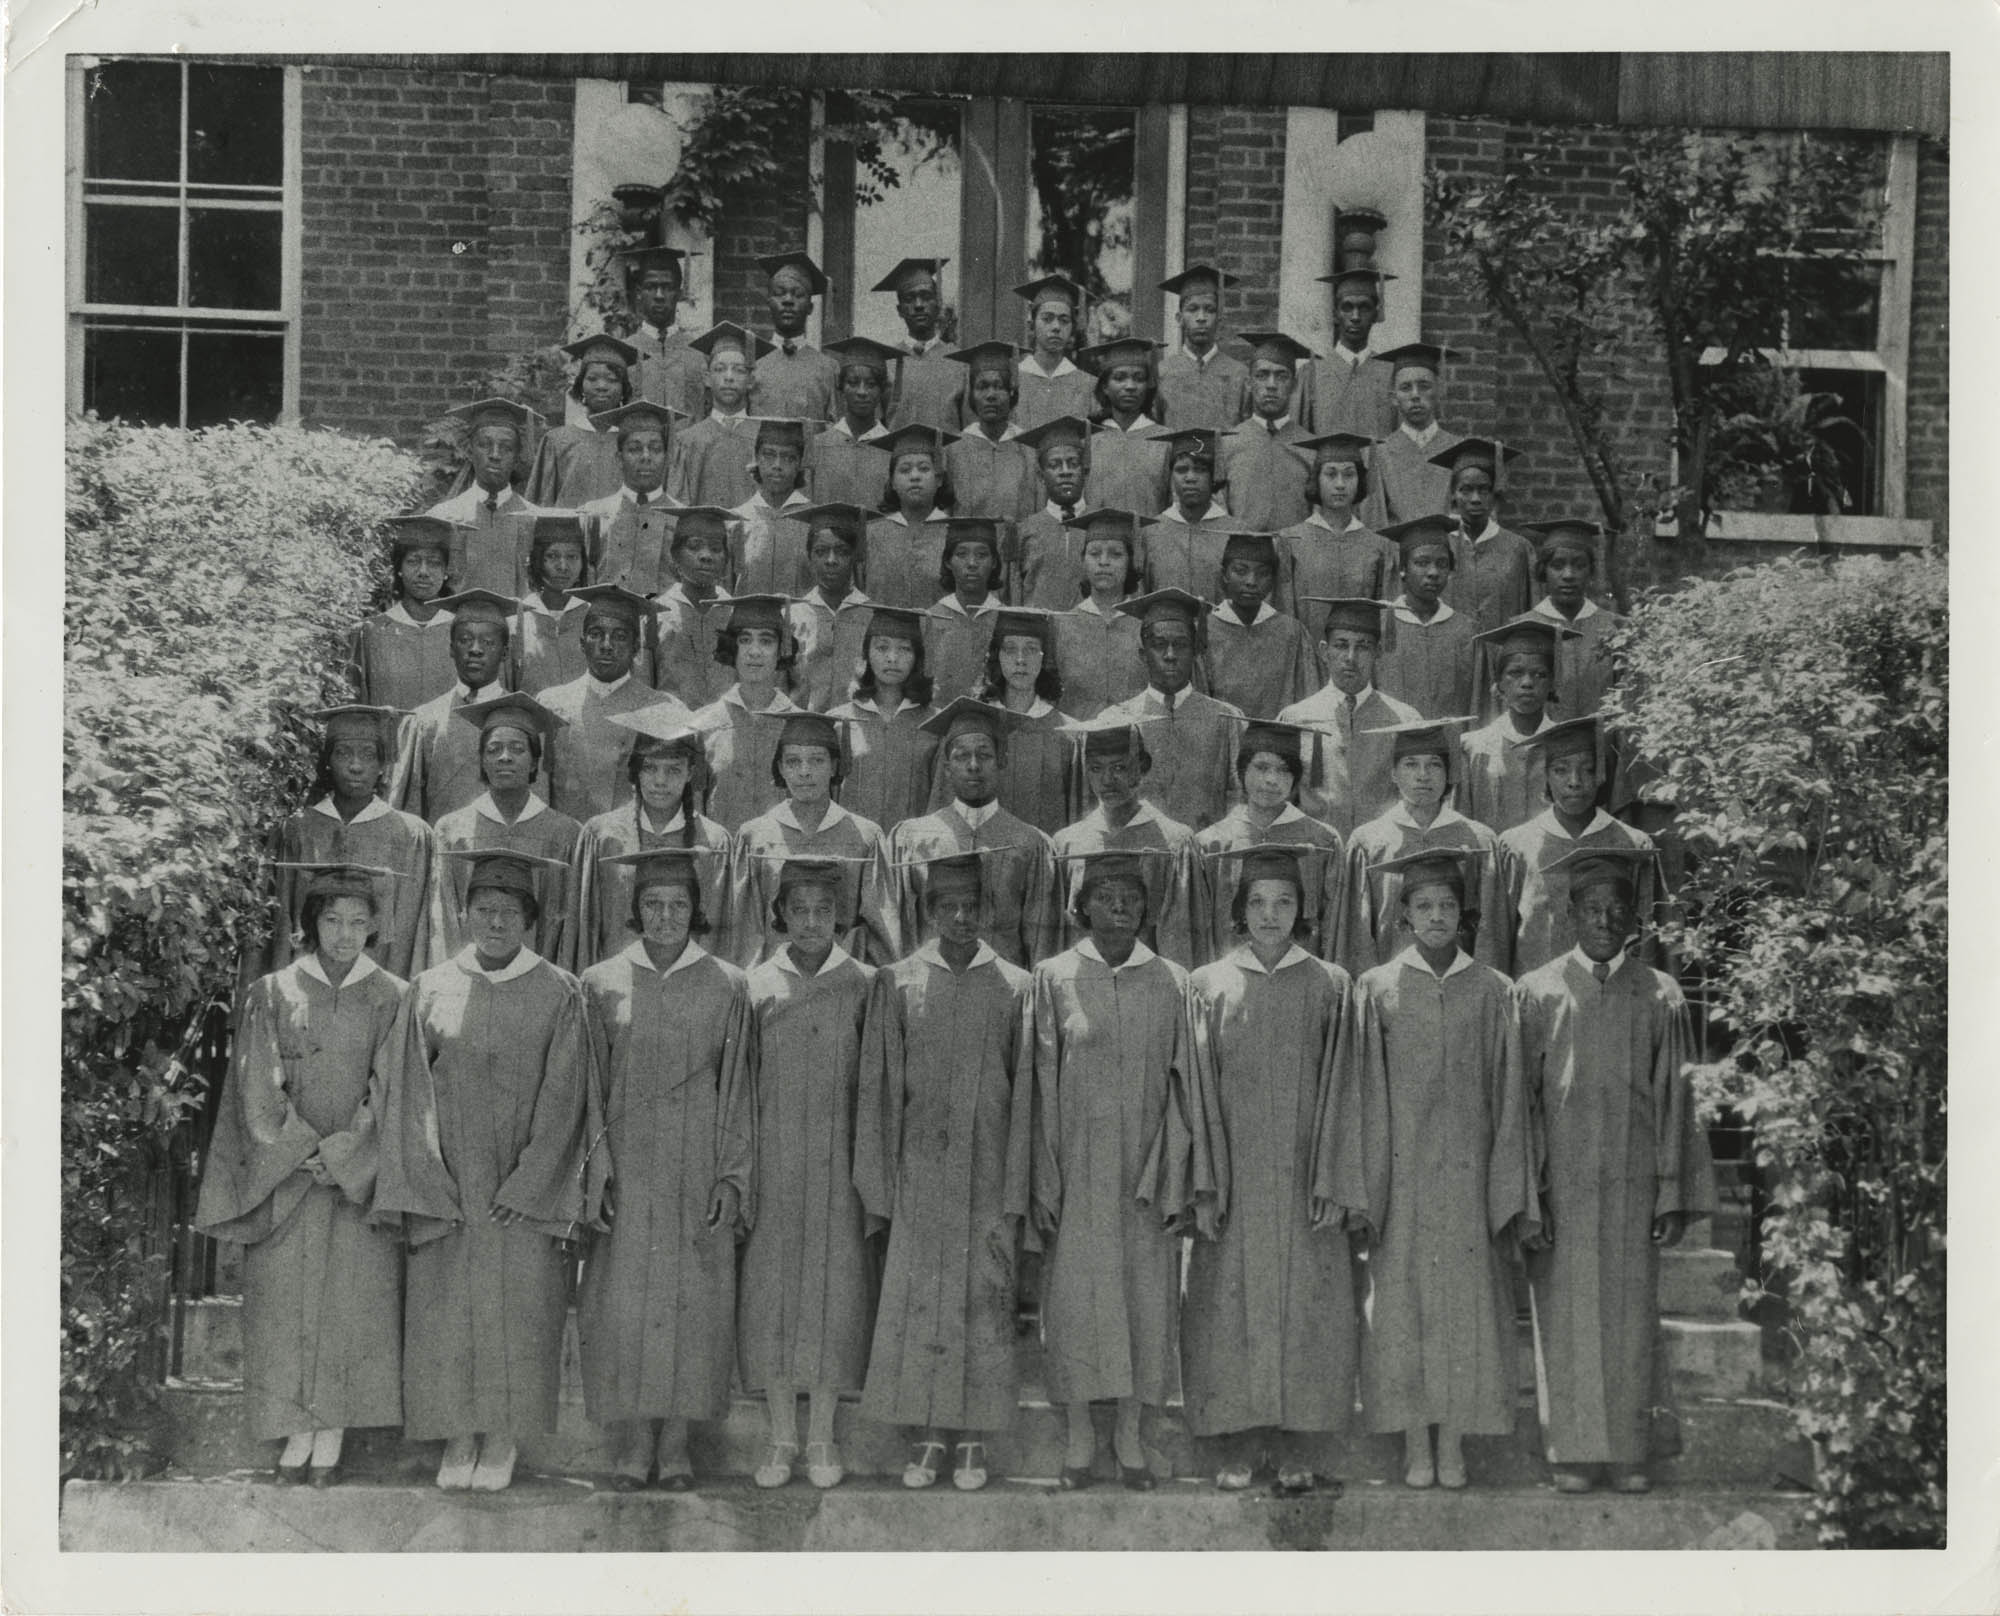 Photograph of J. Arthur Brown's Graduating Class